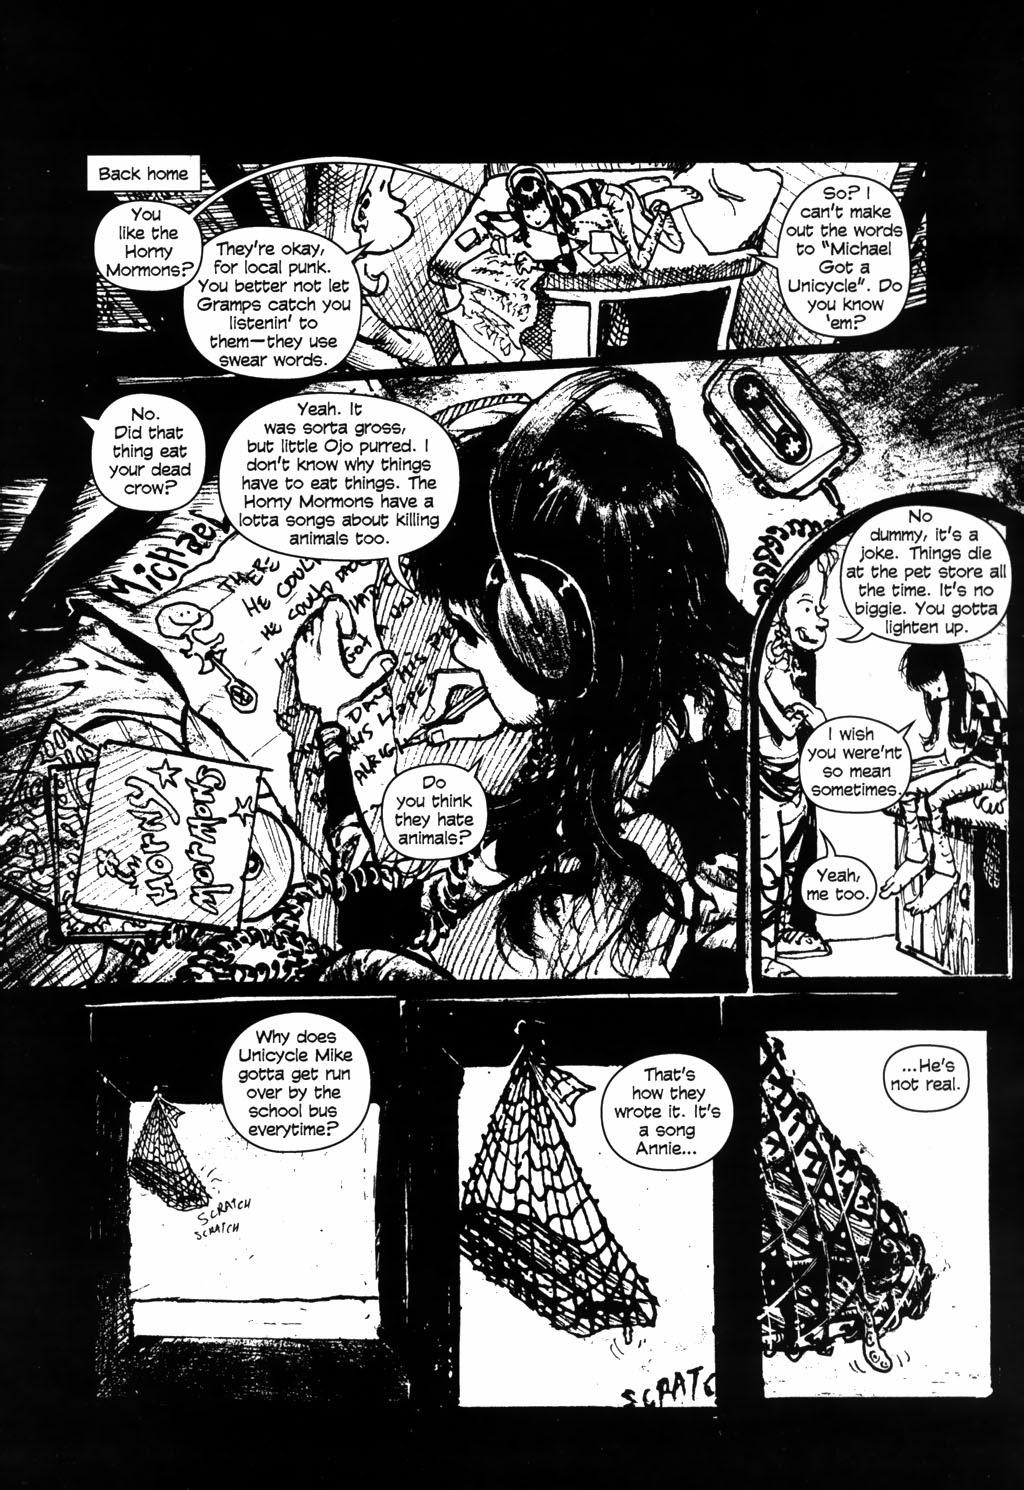 Read online Ojo comic -  Issue #2 - 10